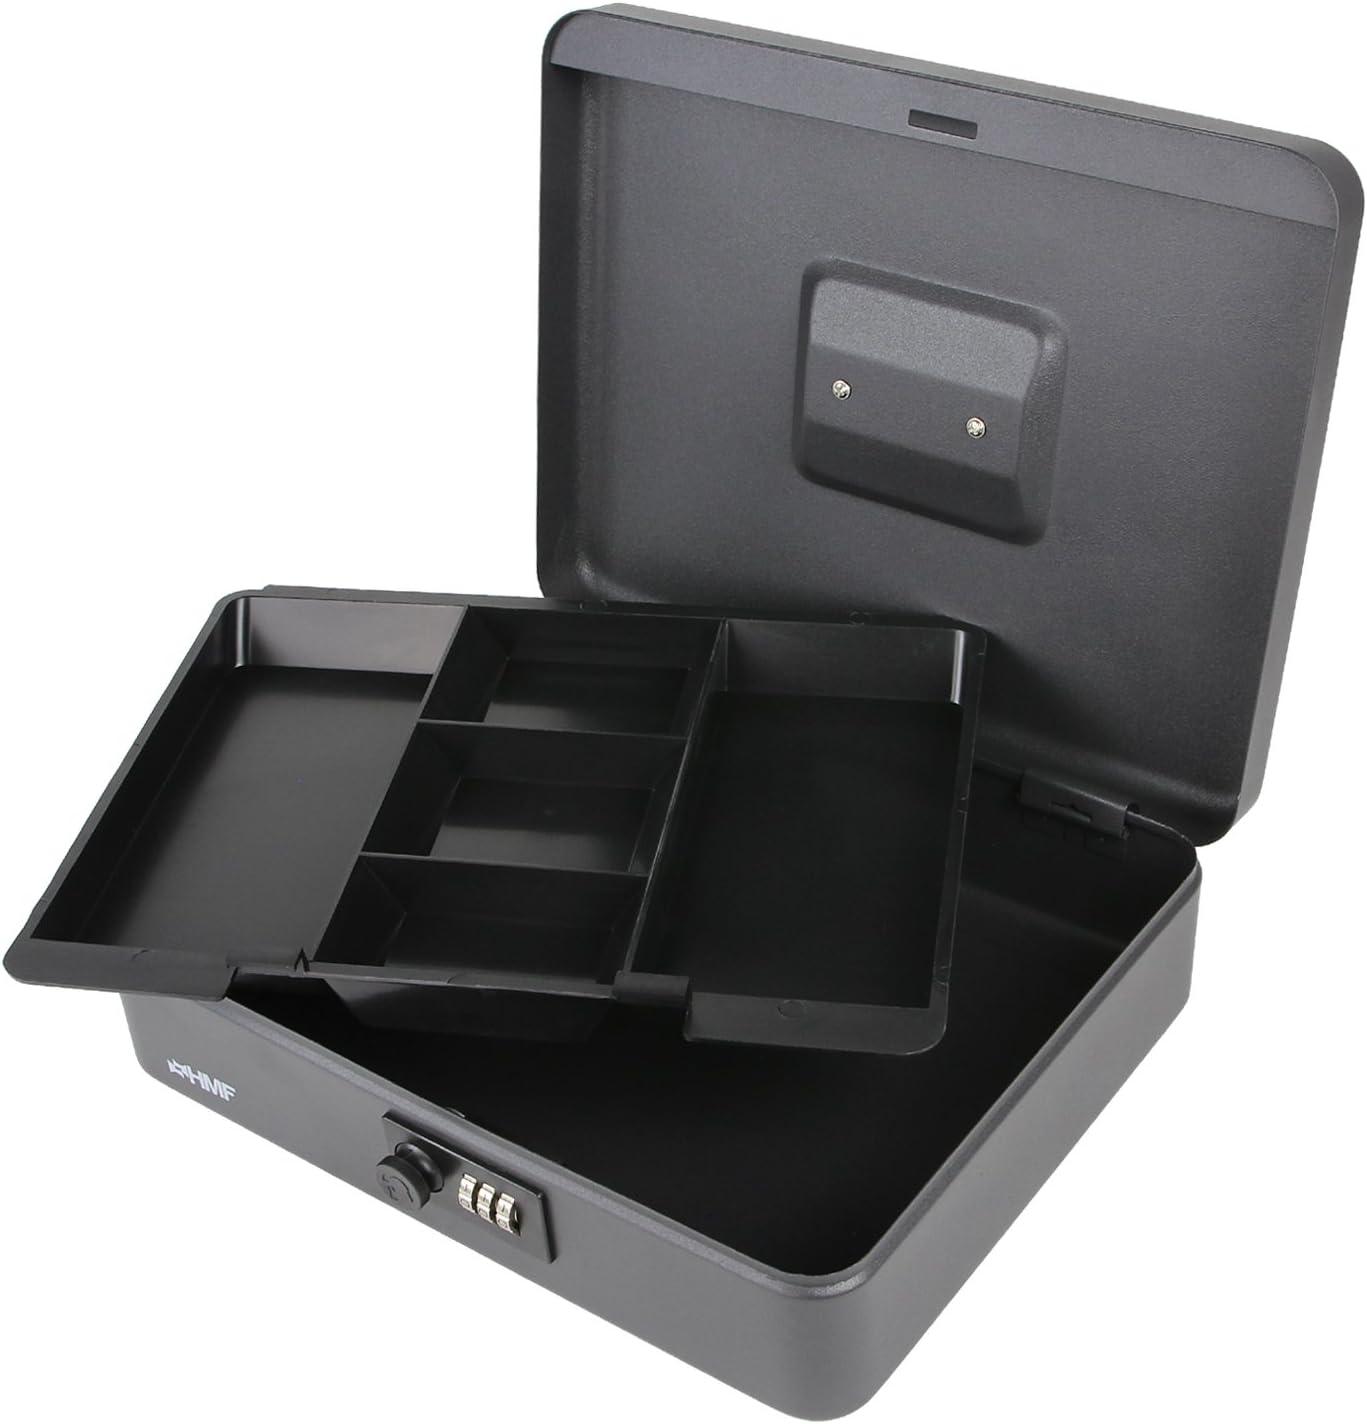 HMF 10017-02 Caja de caudales, cerradura de combinación 30 x 24 x ...